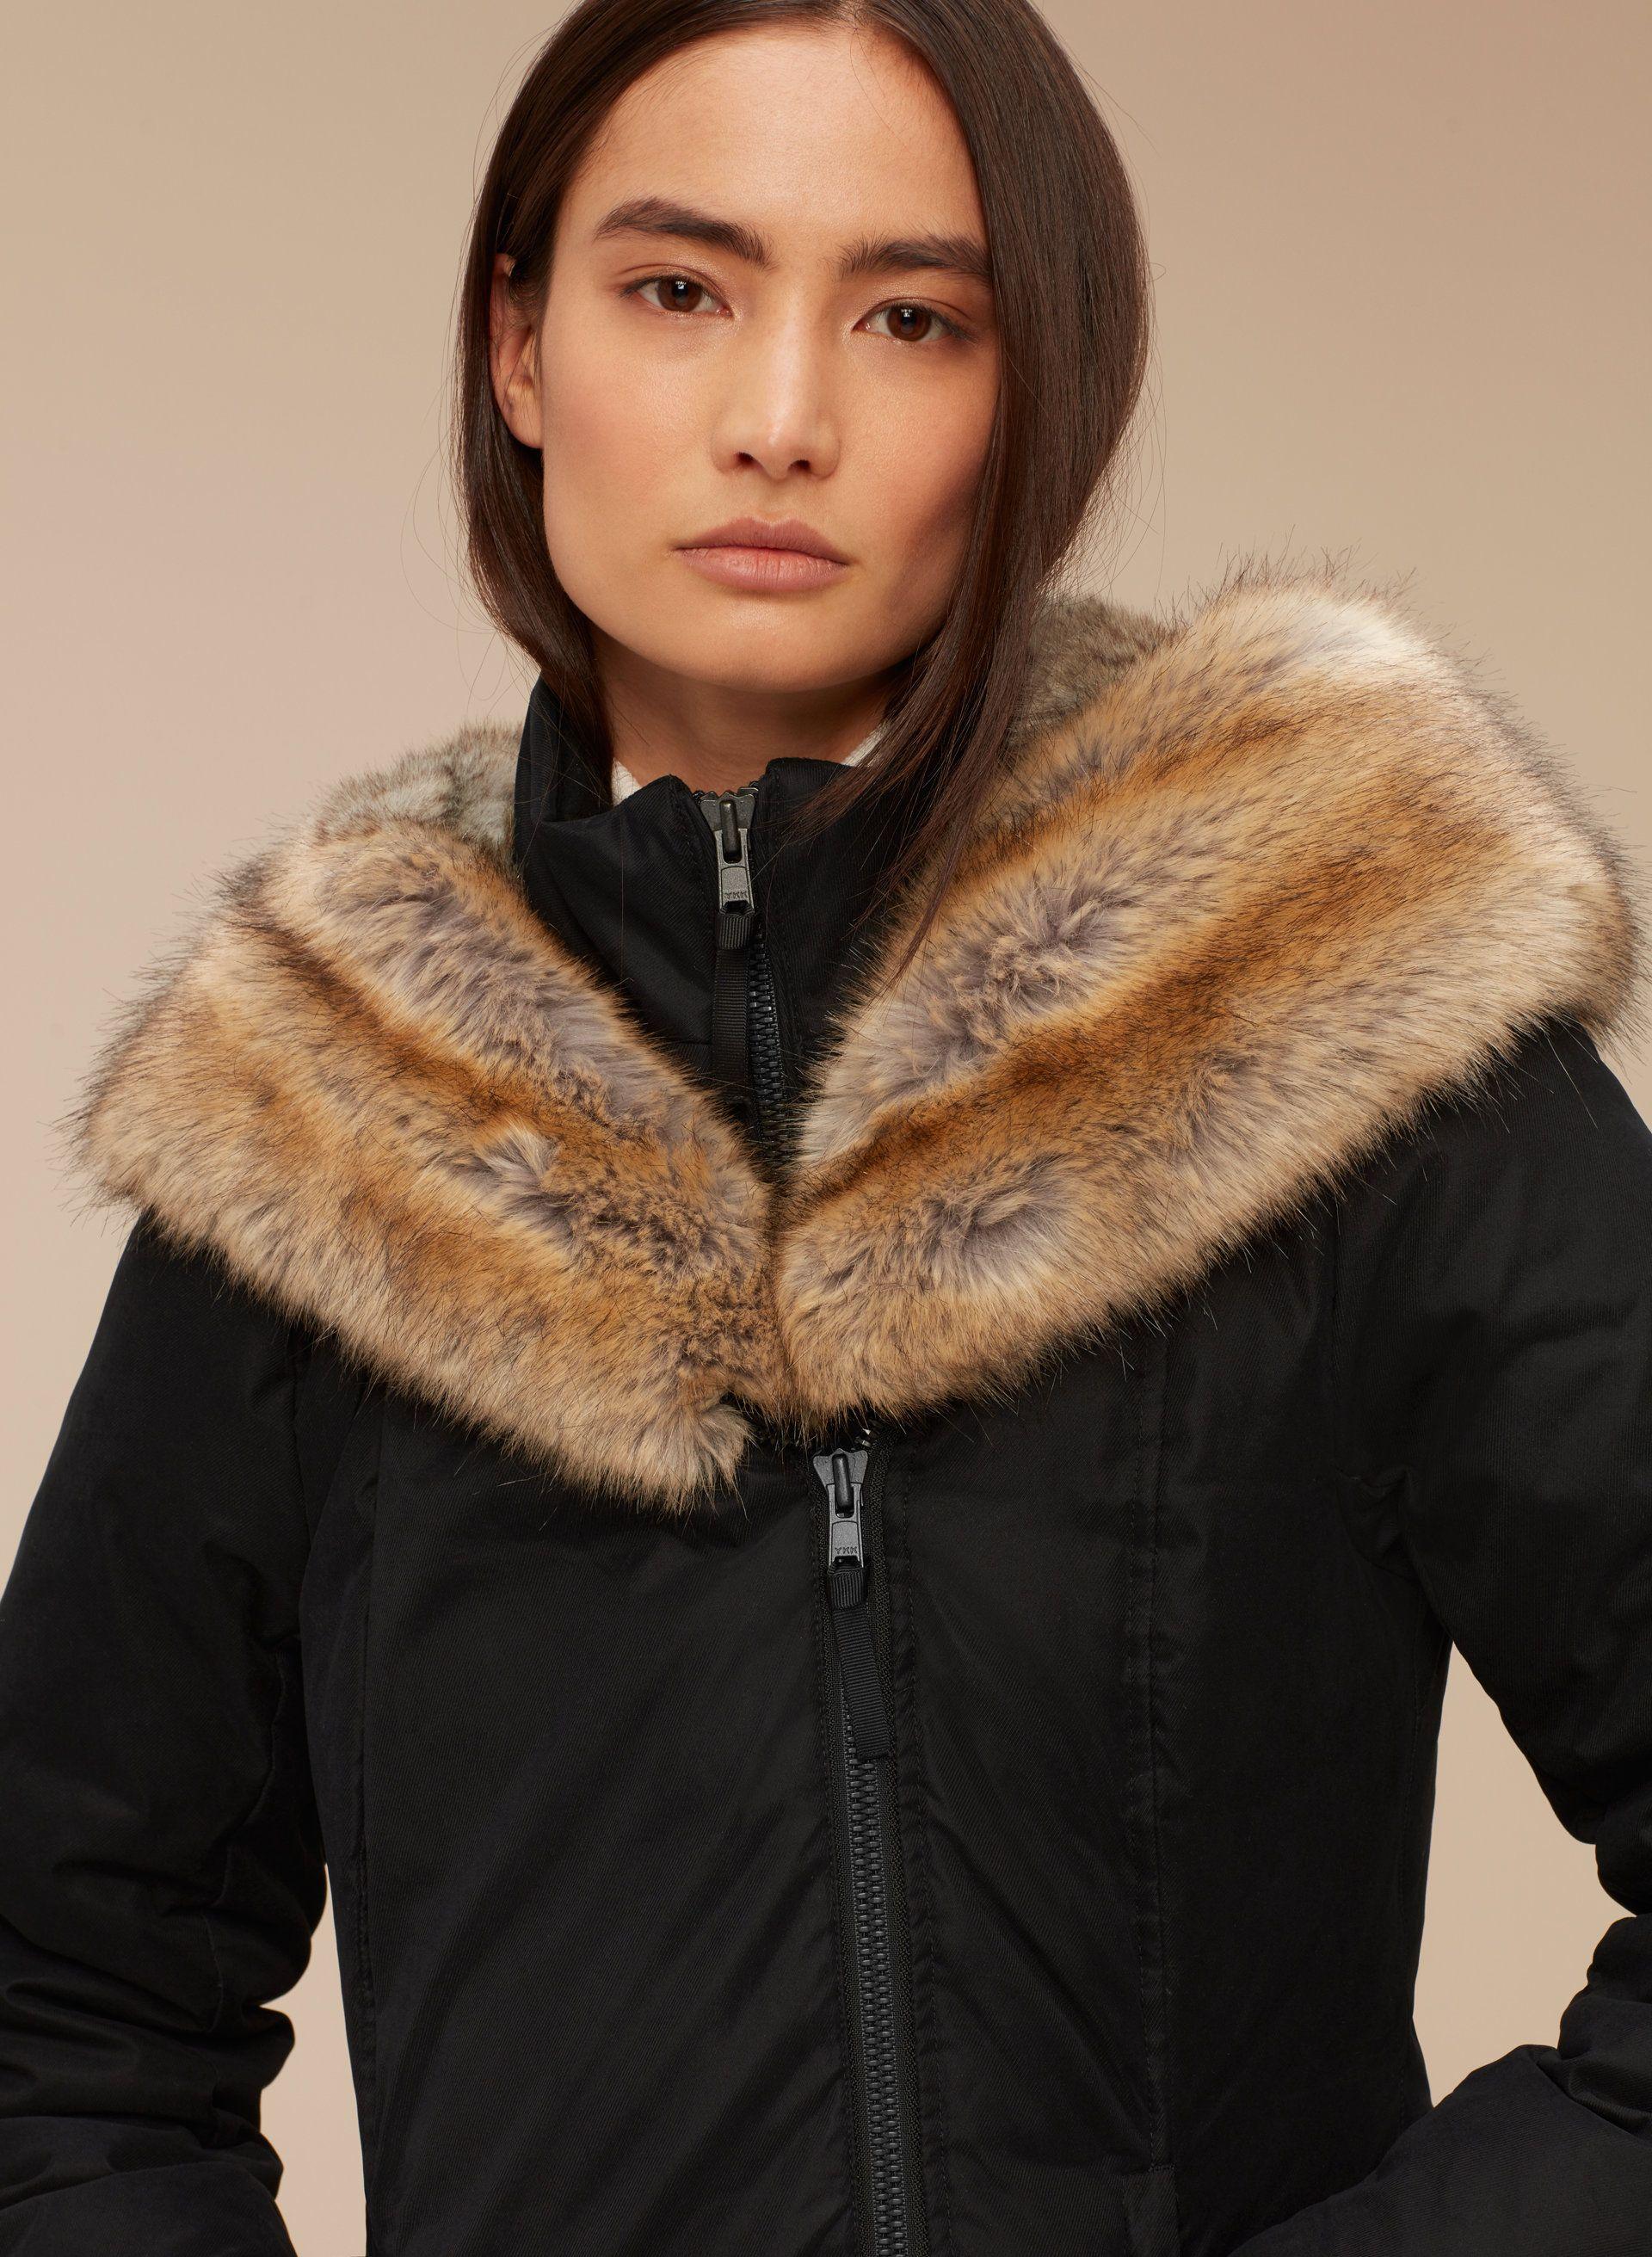 c88efa1da1a Babaton HARRISON PARKA   Aritzia   Fashion   Parka, Coat, Jackets